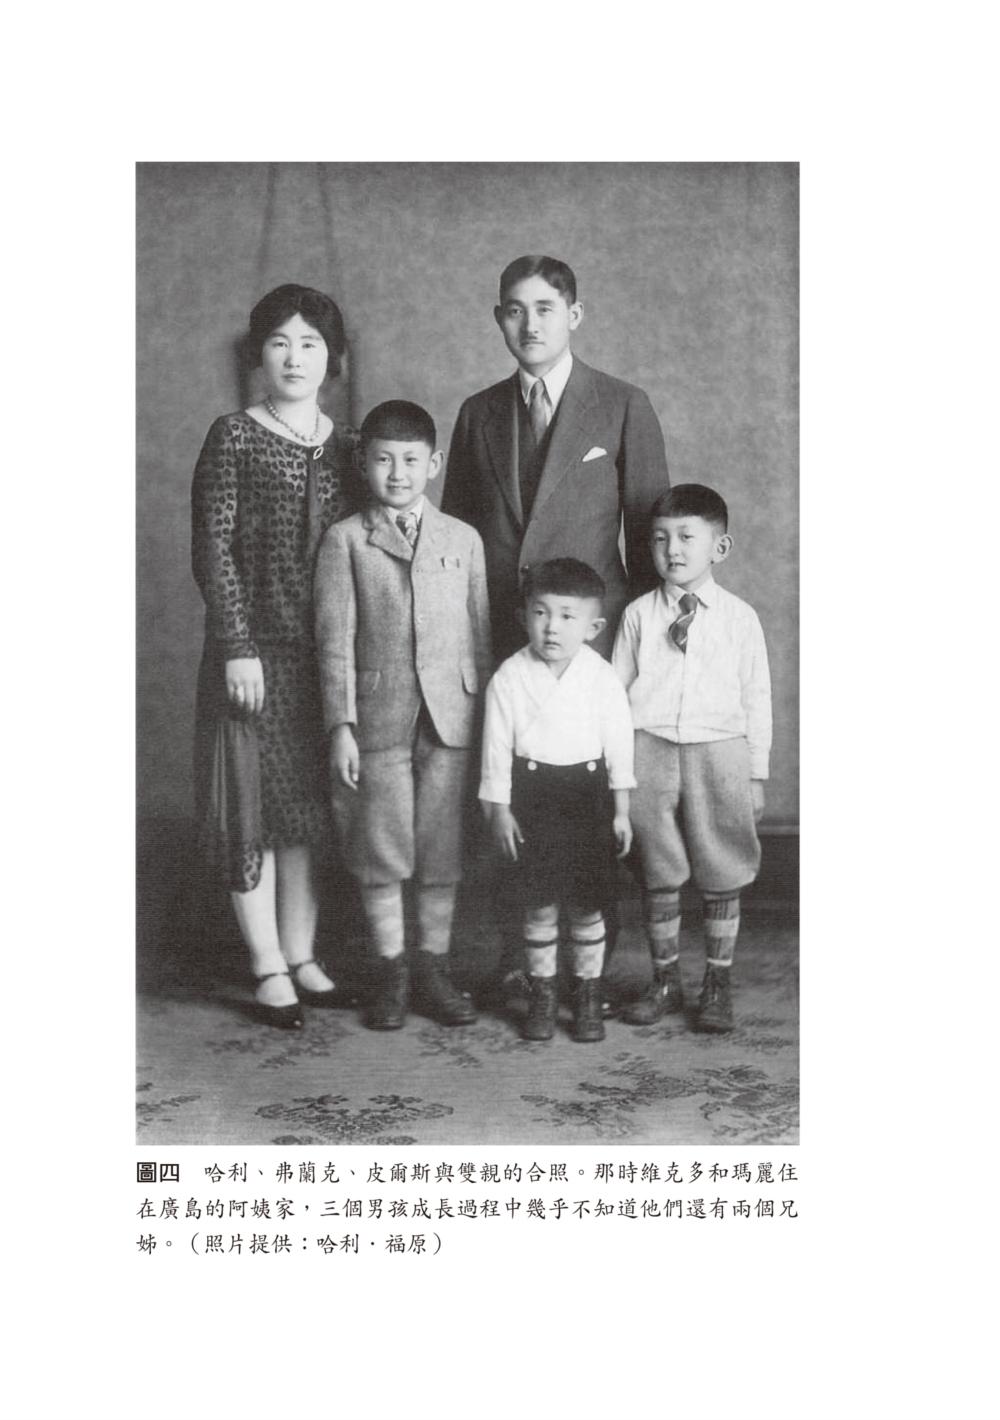 http://im2.book.com.tw/image/getImage?i=http://www.books.com.tw/img/001/076/02/0010760204_b_03.jpg&v=597c0c7c&w=655&h=609